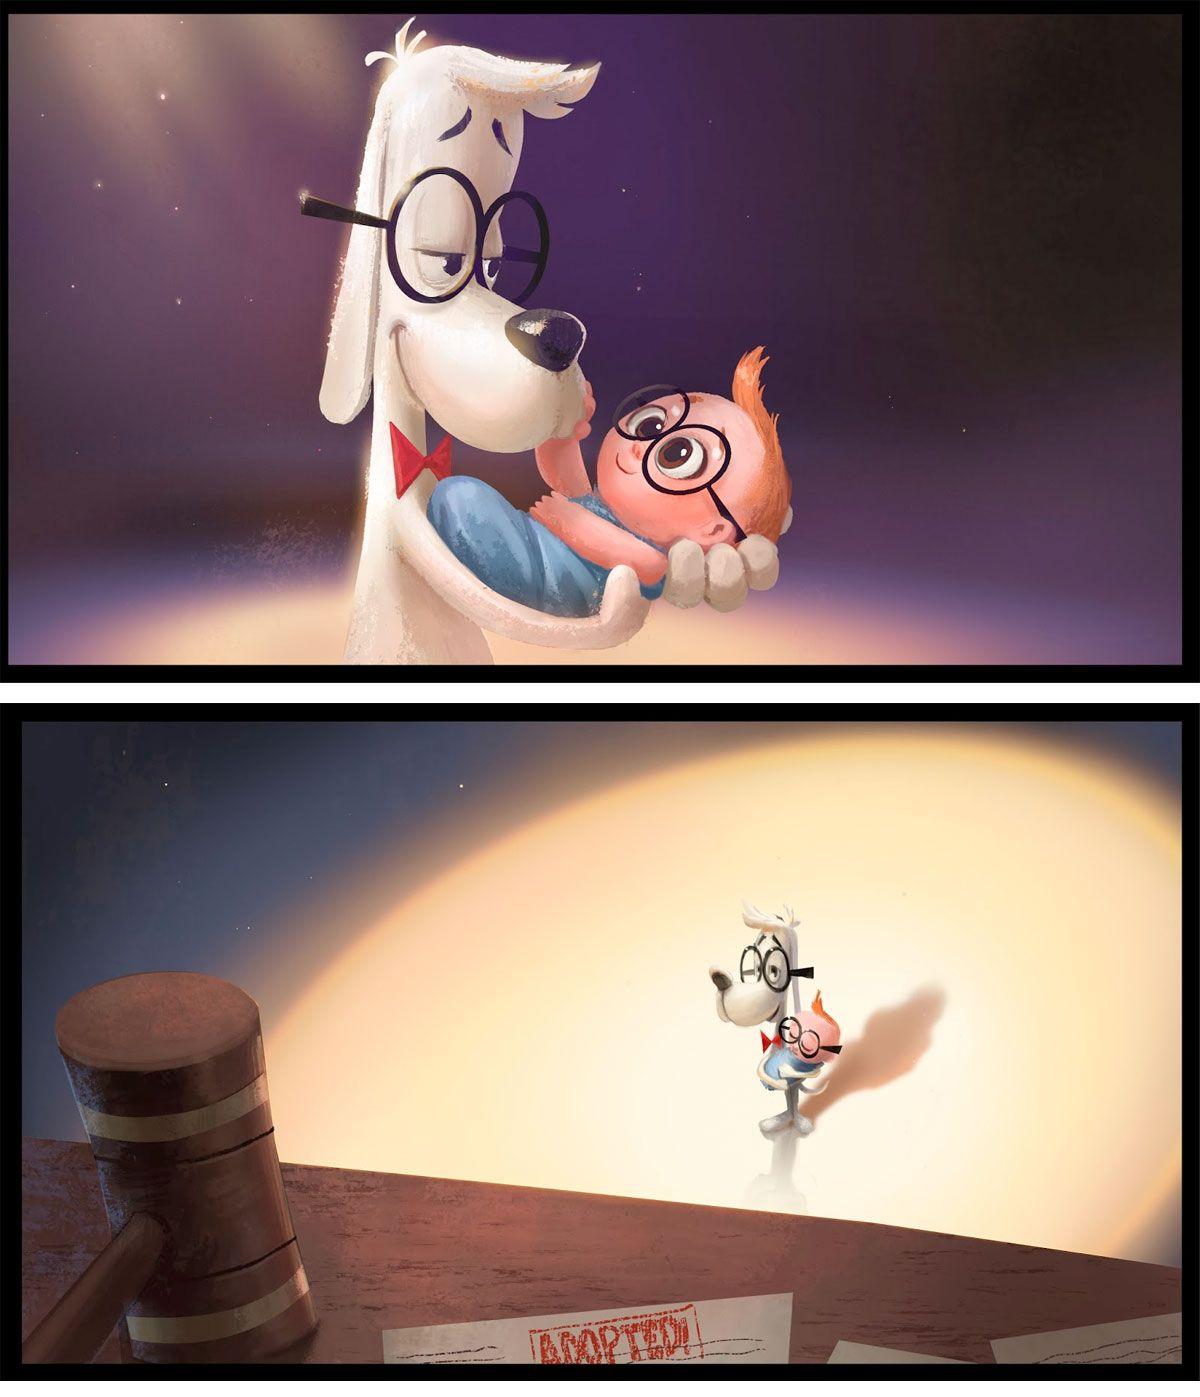 Mr. Peabody & Sherman~ Dah! I love their relationship!~ KJM